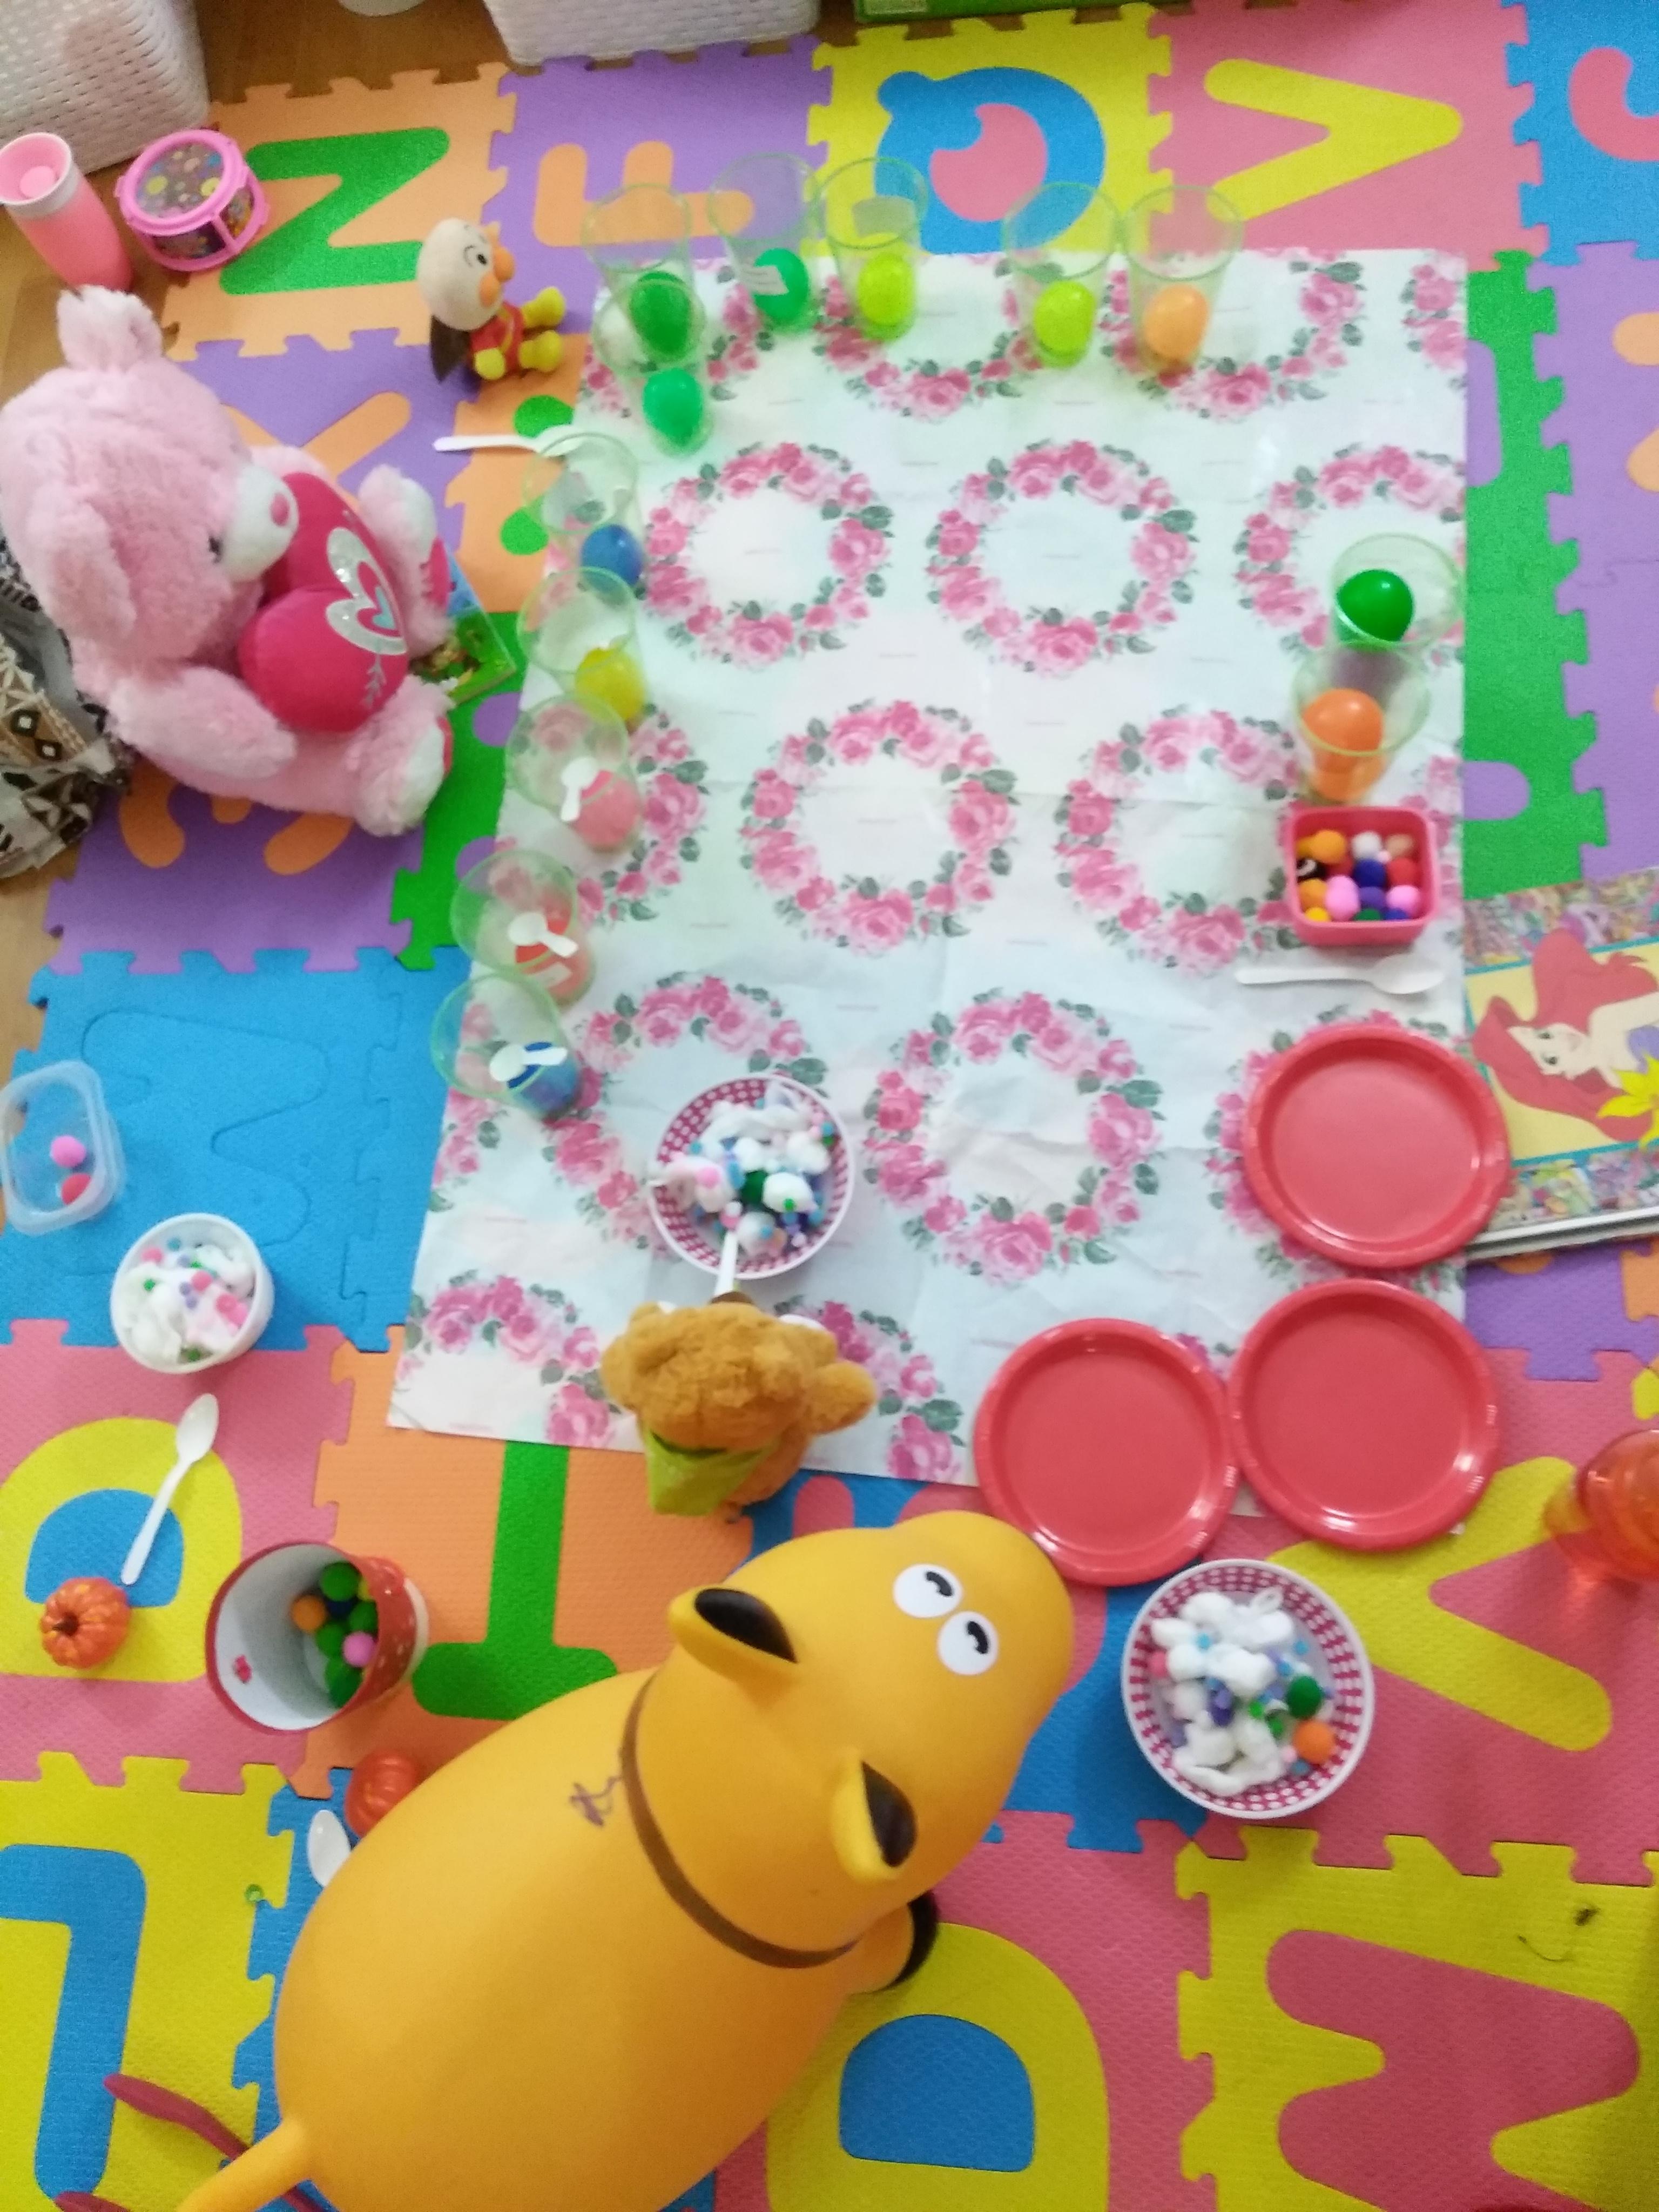 2歳の娘が家でピクニックごっこをして遊んでいる写真